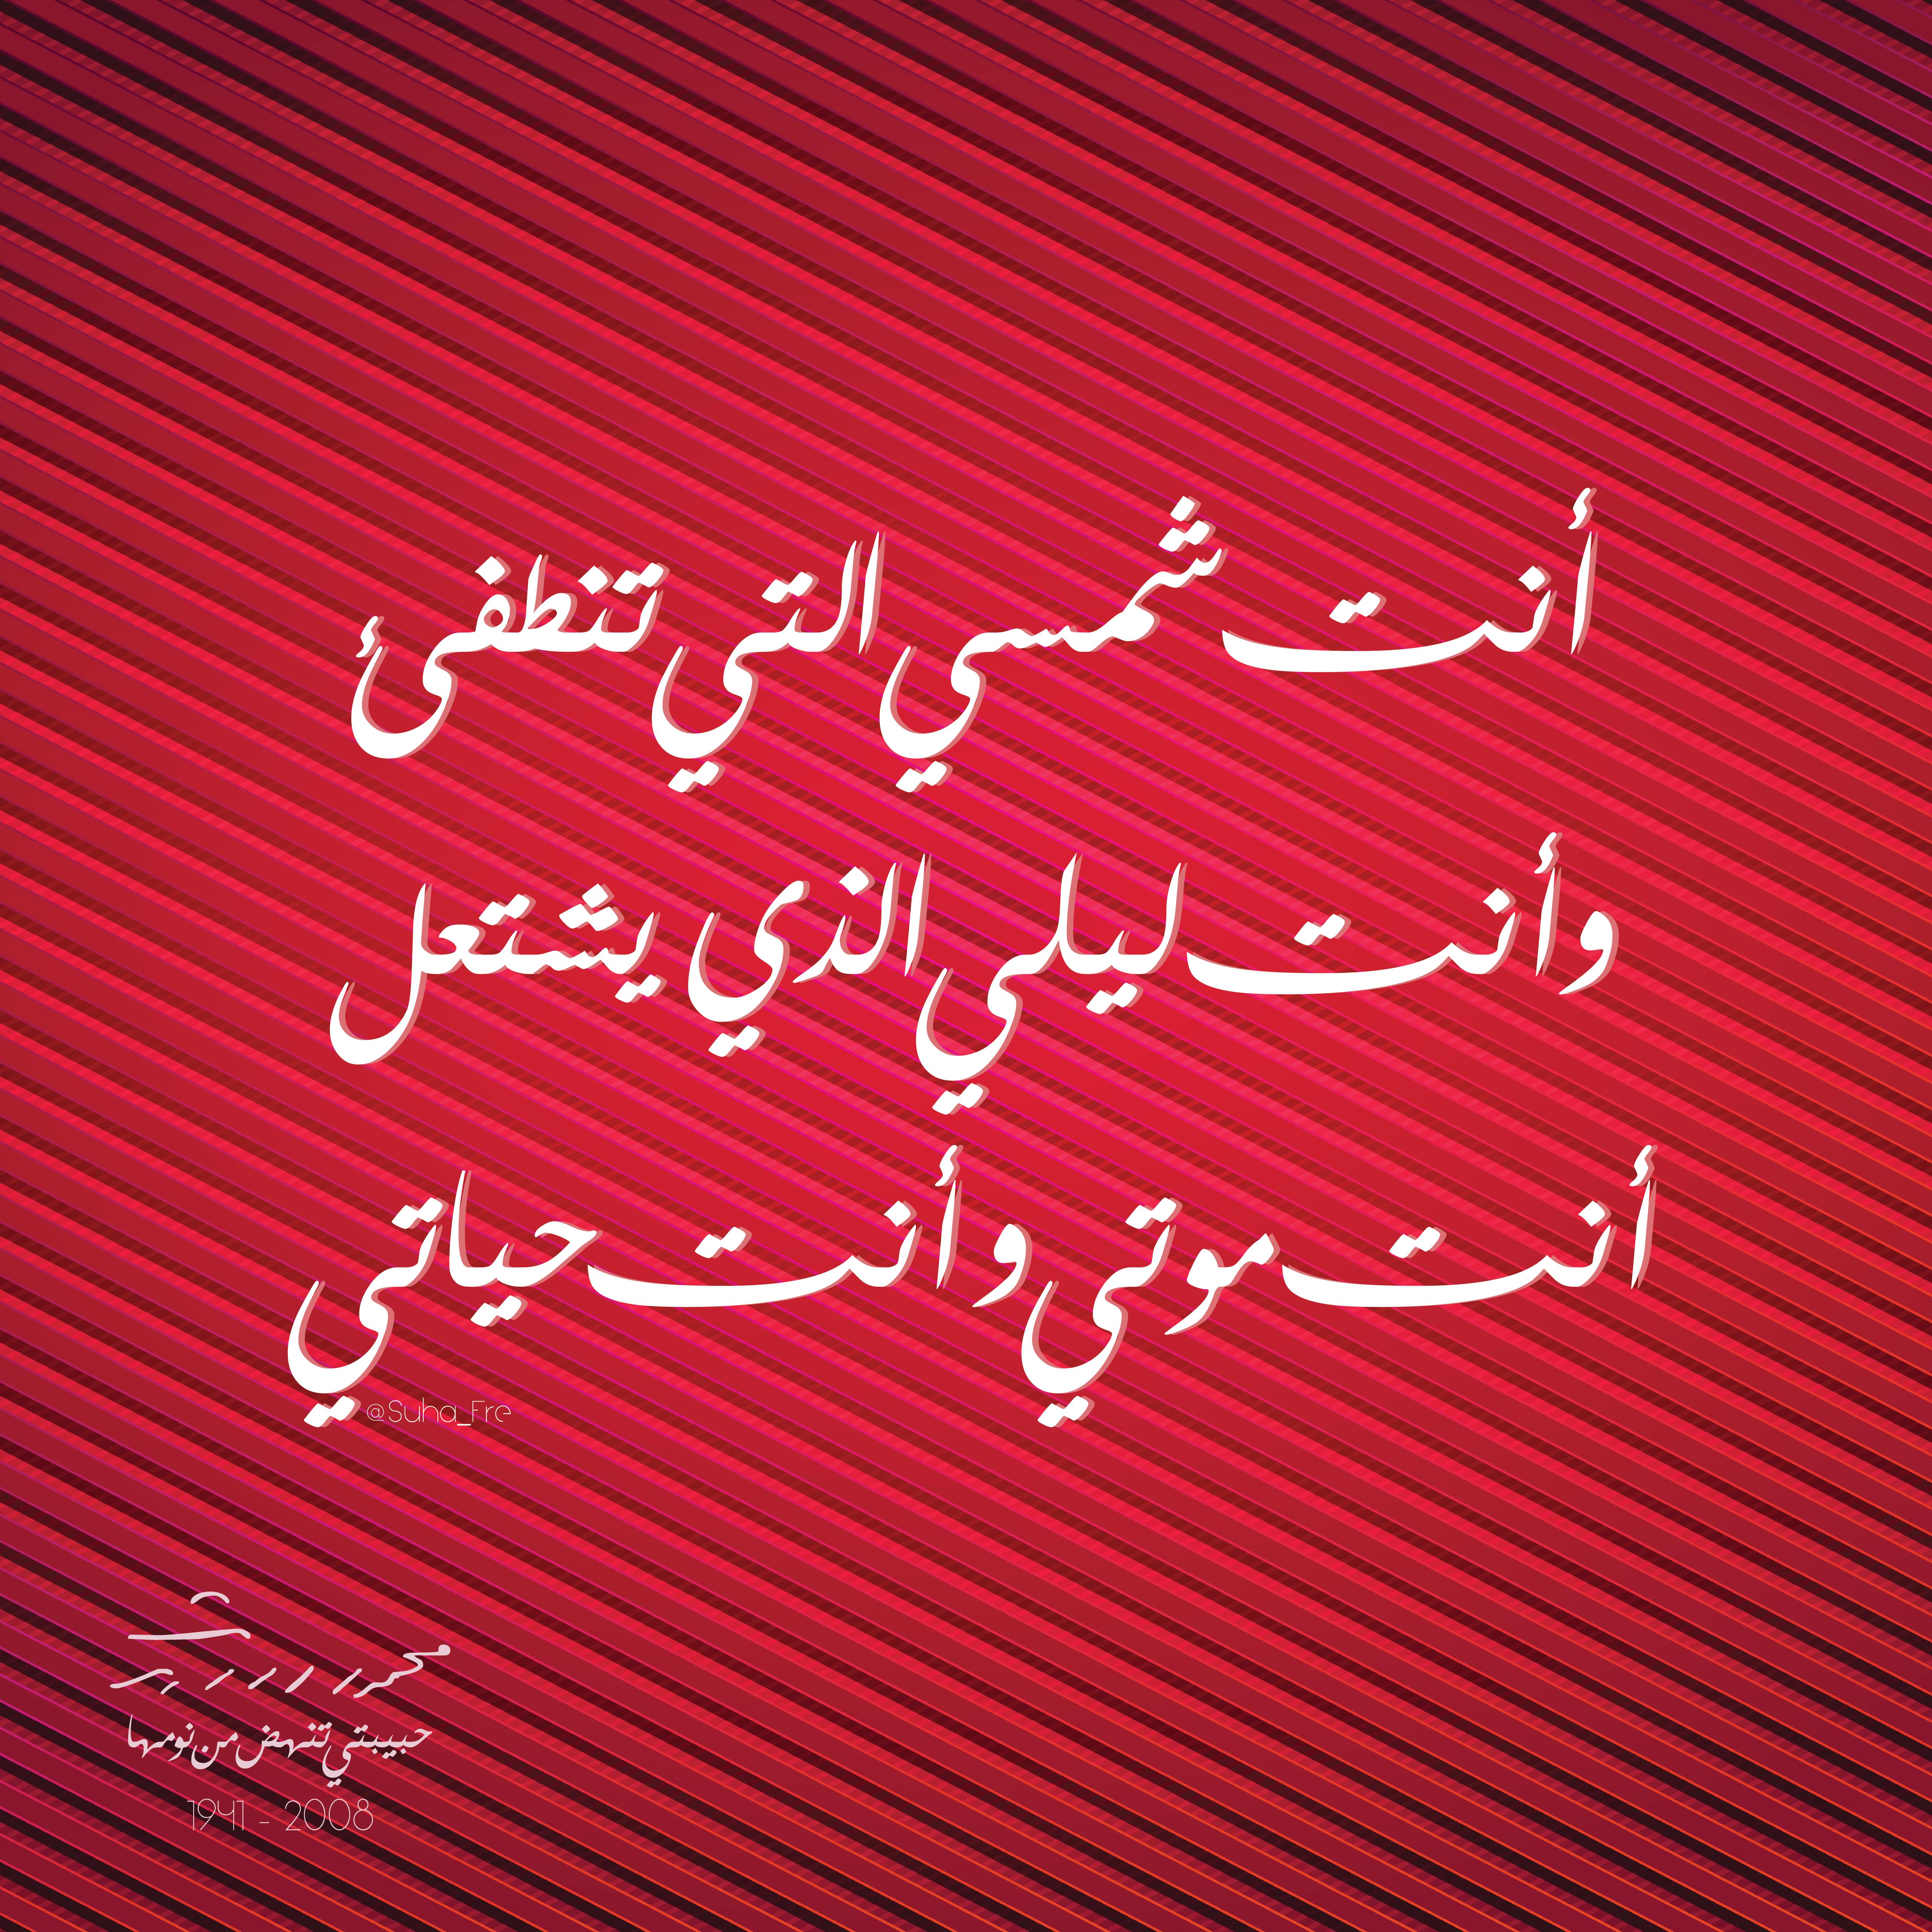 ديوان حبيبتي تنهض من نومها محمود درويش Arabic Quotes Quotes Arabic Calligraphy